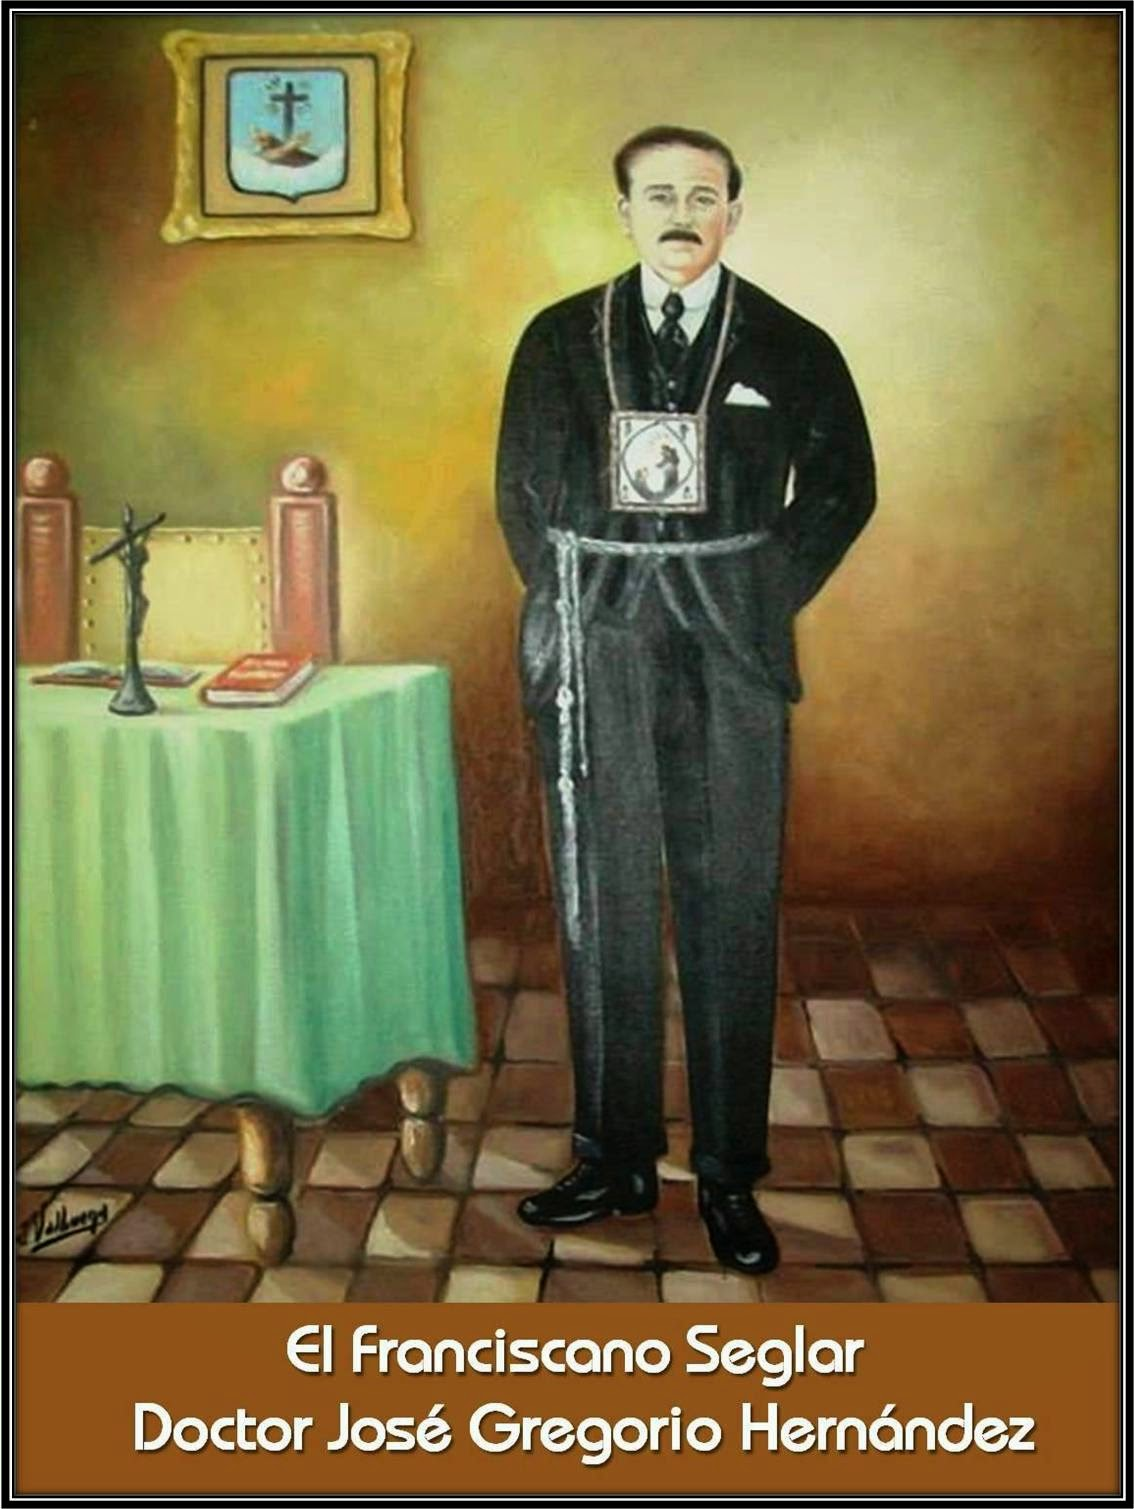 Pedimos por la pronta beatificación del Doctor José Gregorio Hernández